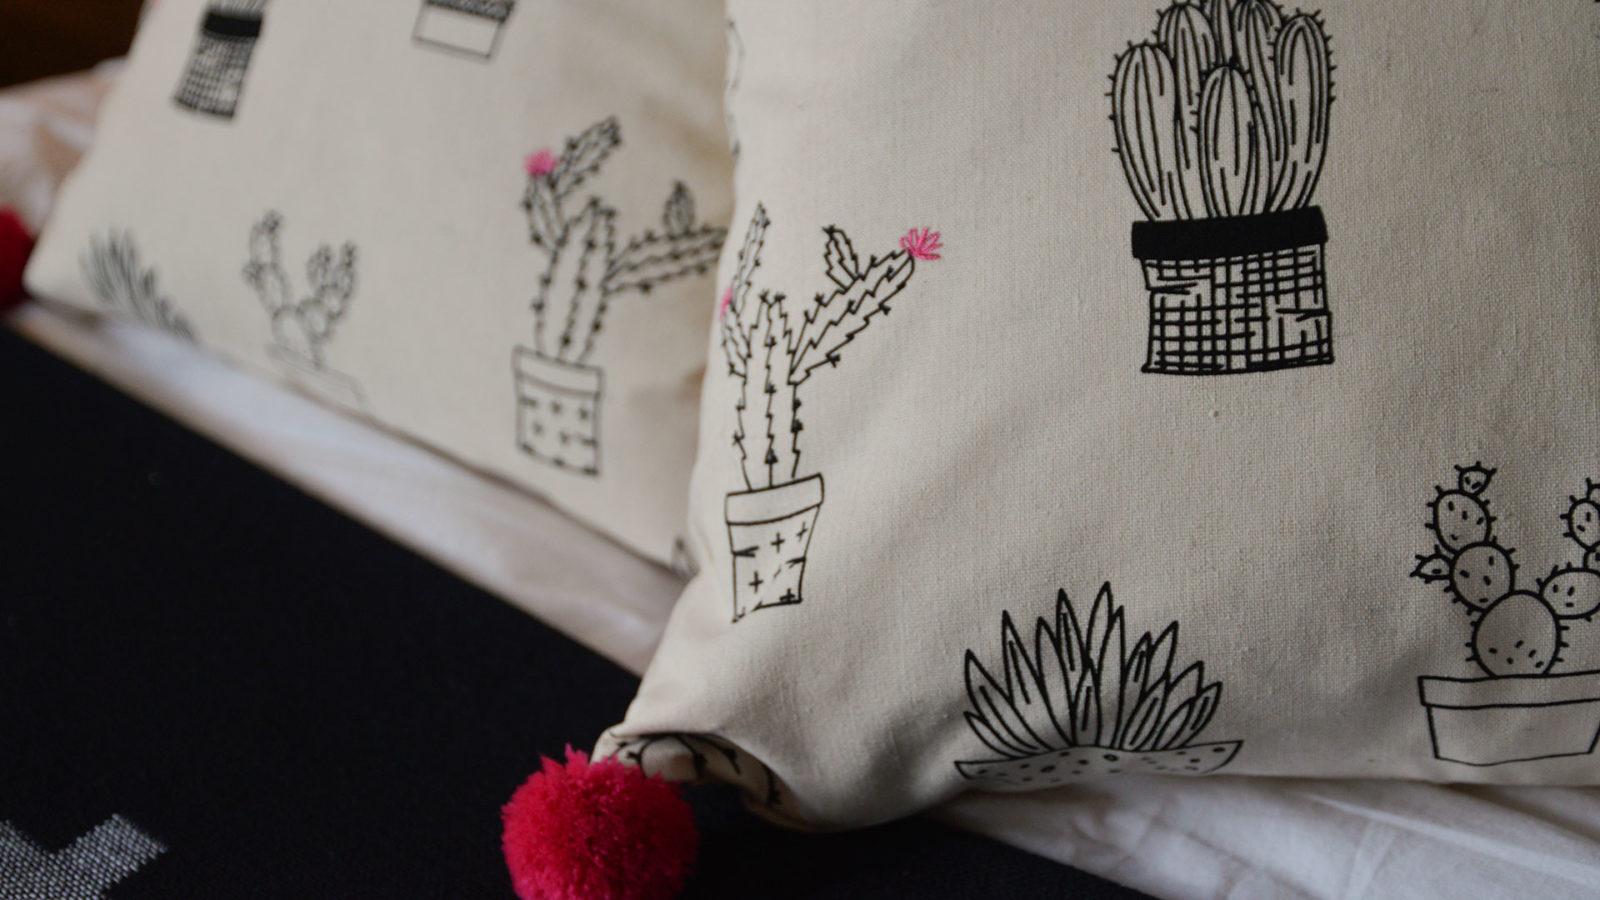 cactus-print-cushions-detail